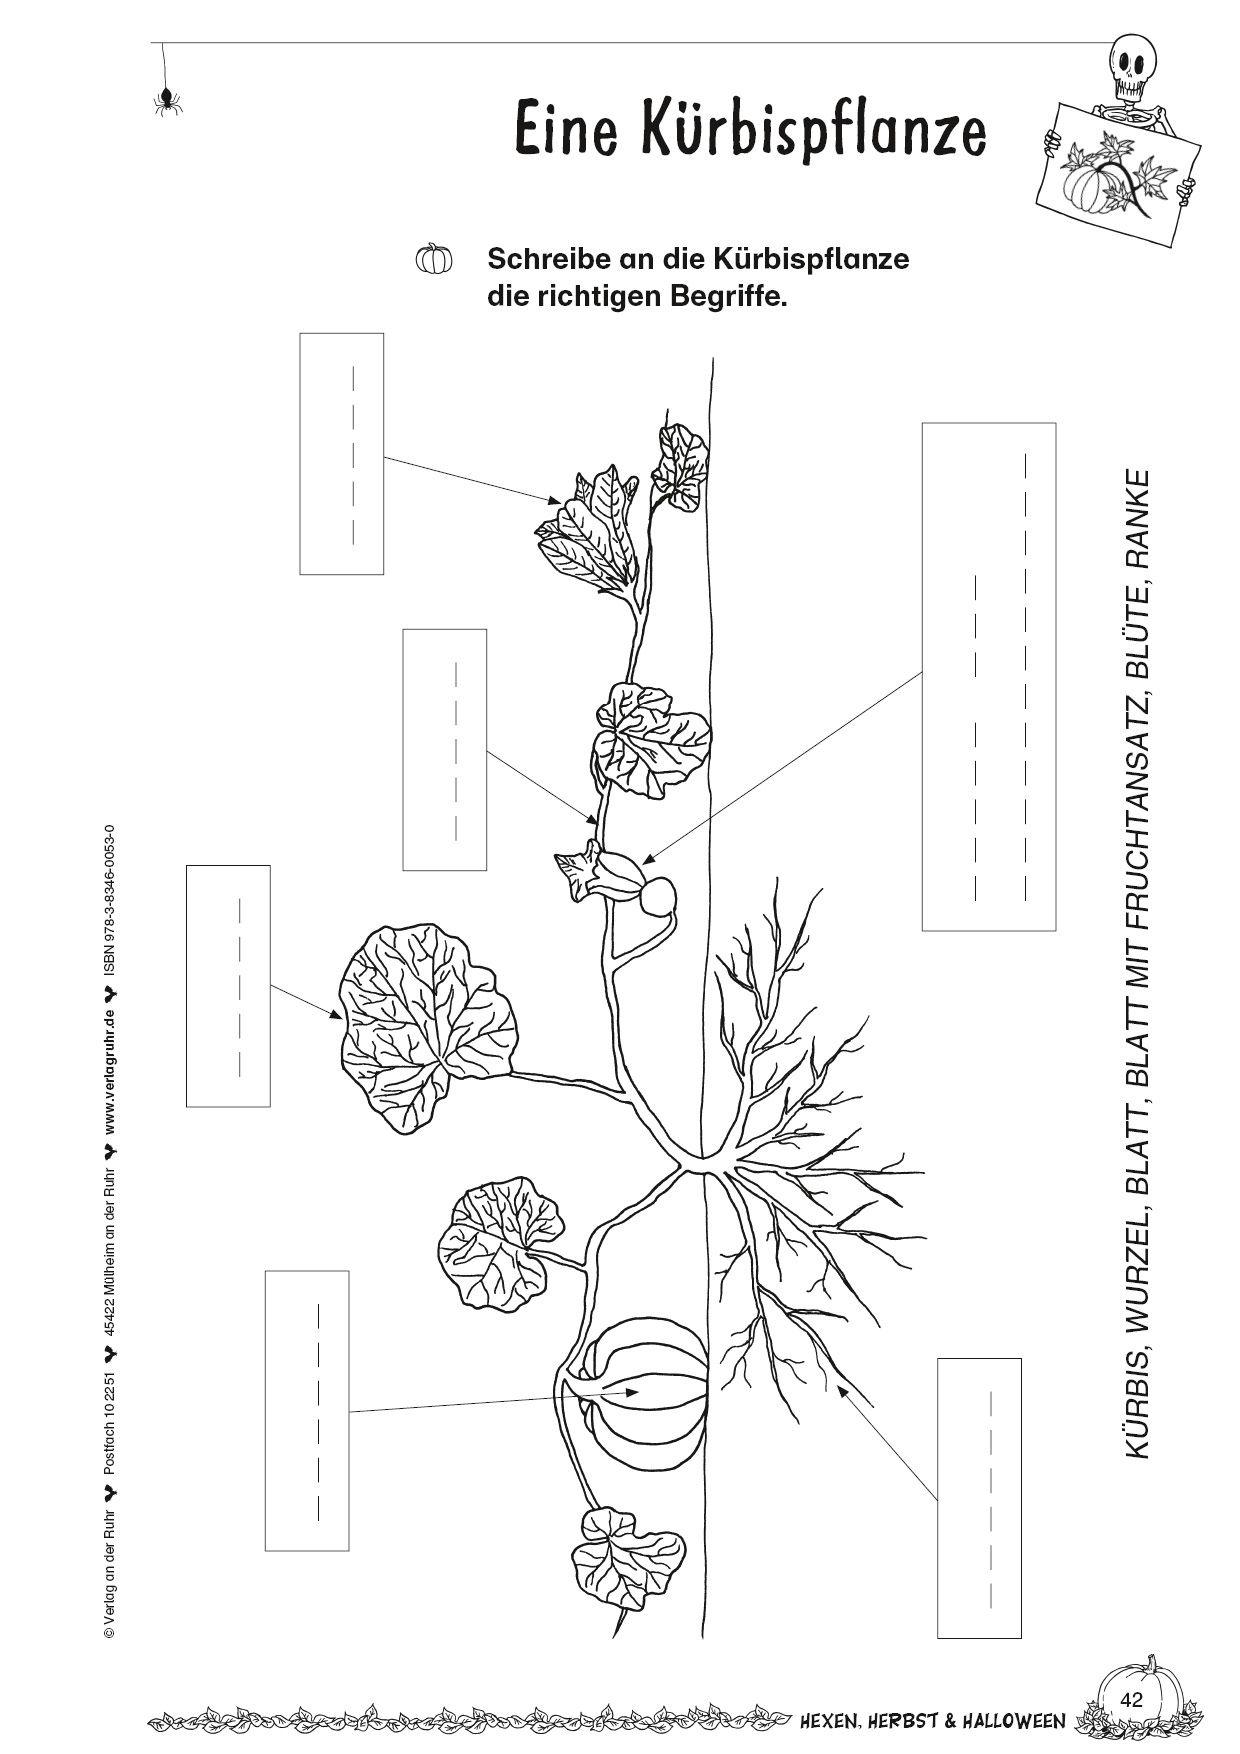 Kopiervorlage Eine Krbispflanze  Herbst Hexen